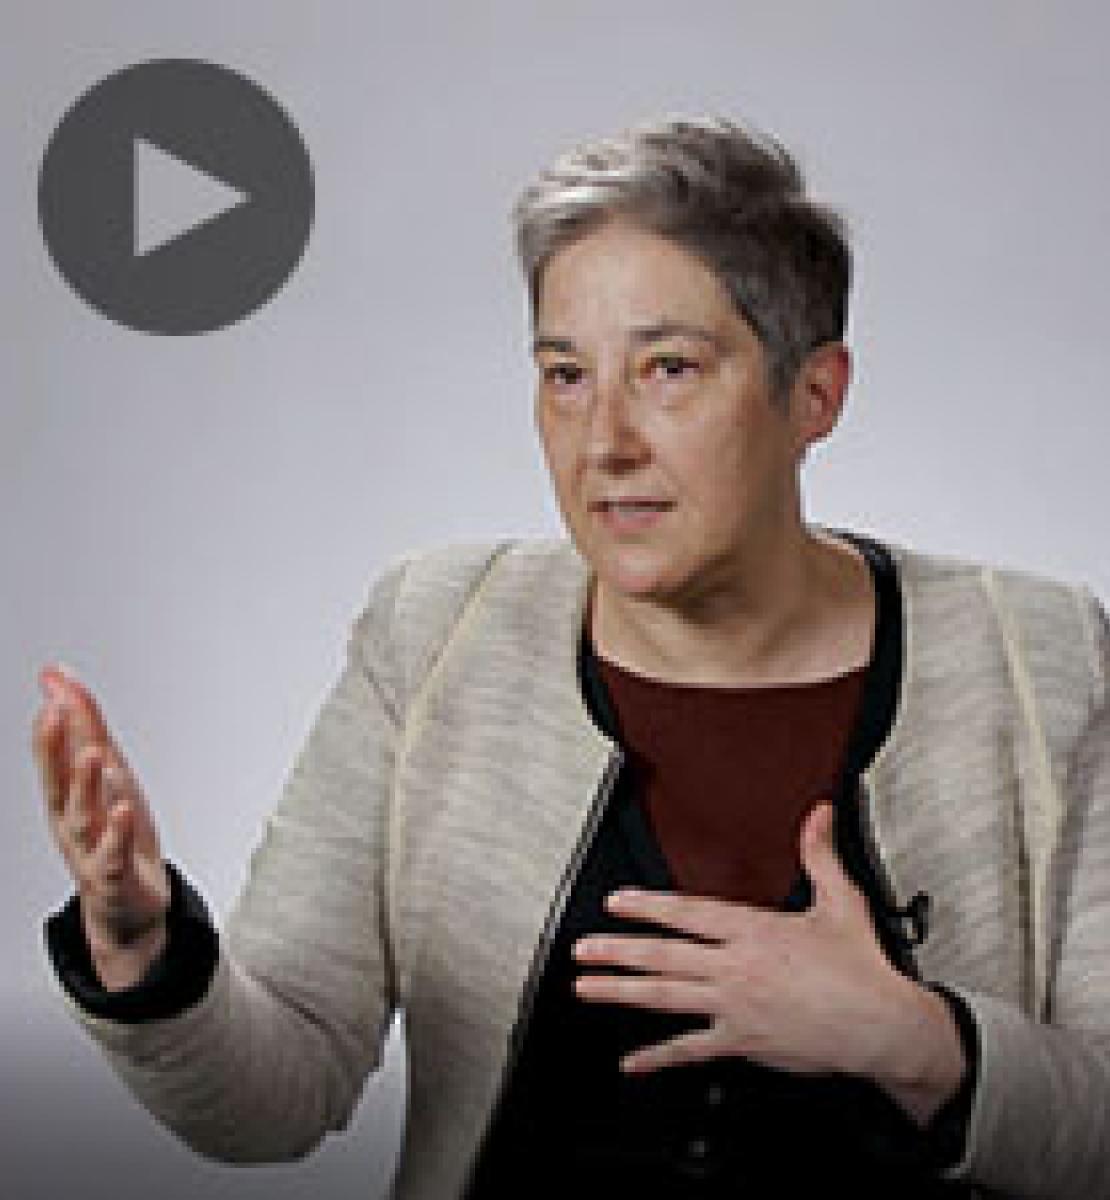 Screenshot from video message shows Resident Coordinator, Marta Ruedas